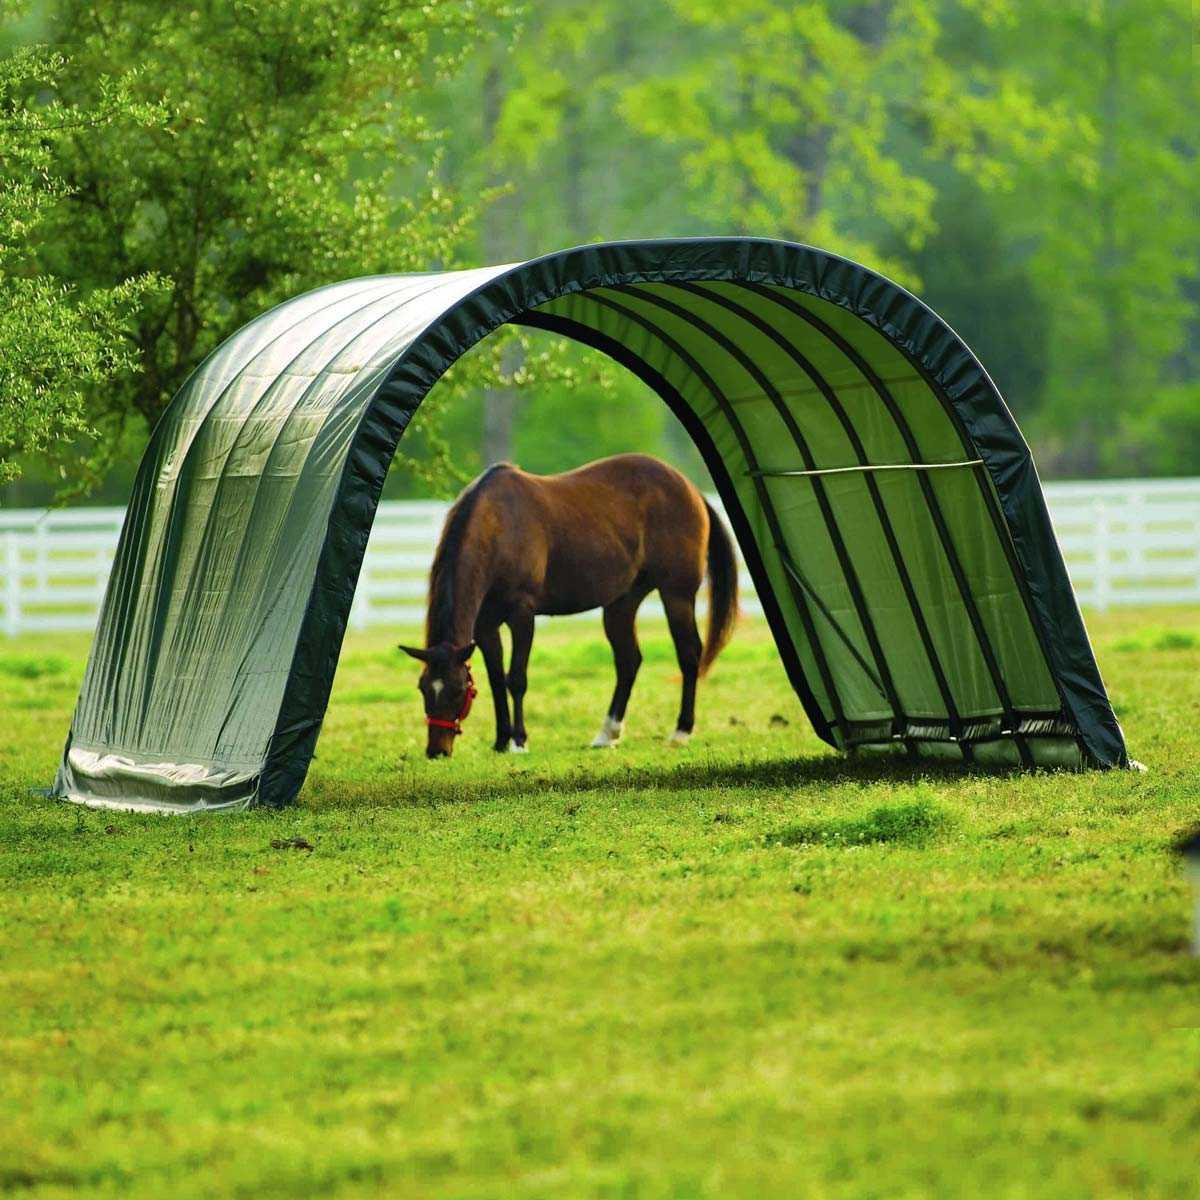 abri en toile pour chevaux de 22 6m2 larg 3 70m x long 6 10m vente au meilleur prix jardins